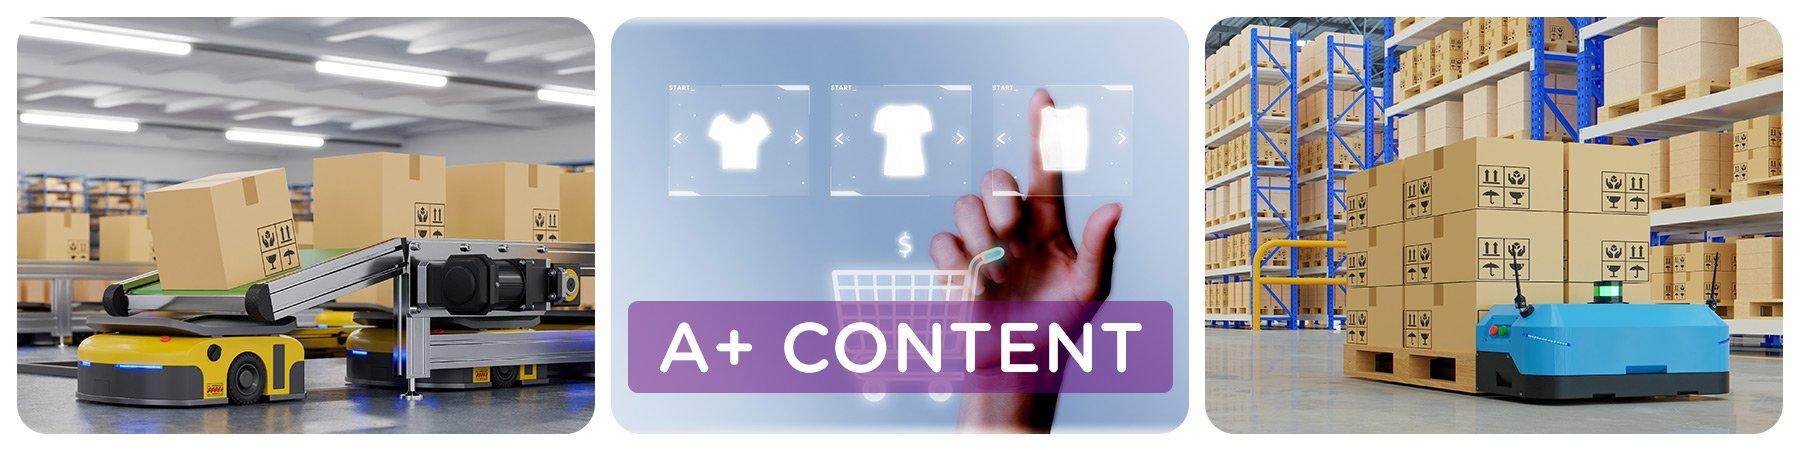 Amazon A+ Content(İçerik) Görsel Tasarımı